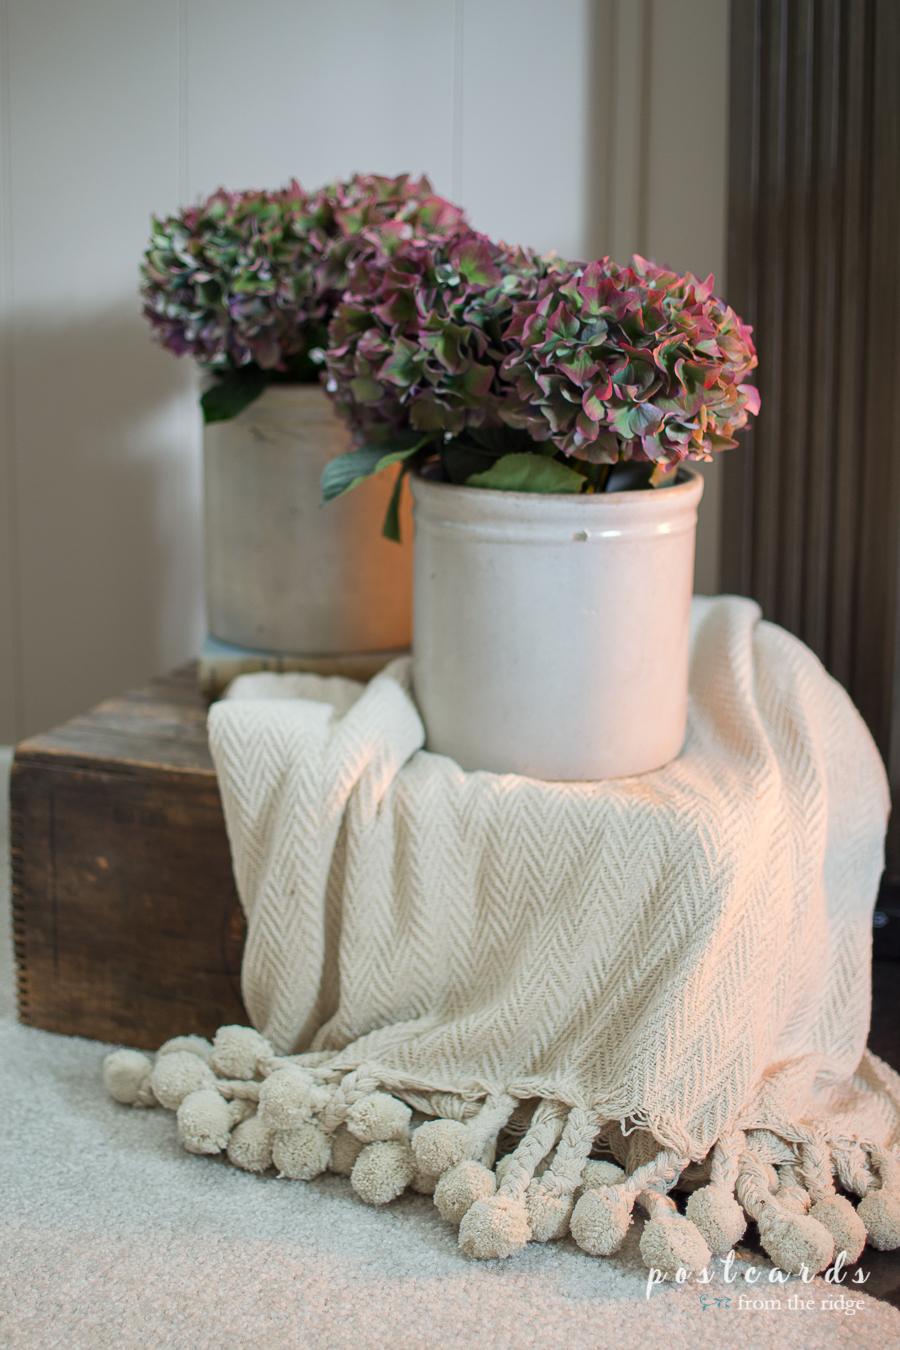 cozy throw blanket with pom poms and hydrangeas